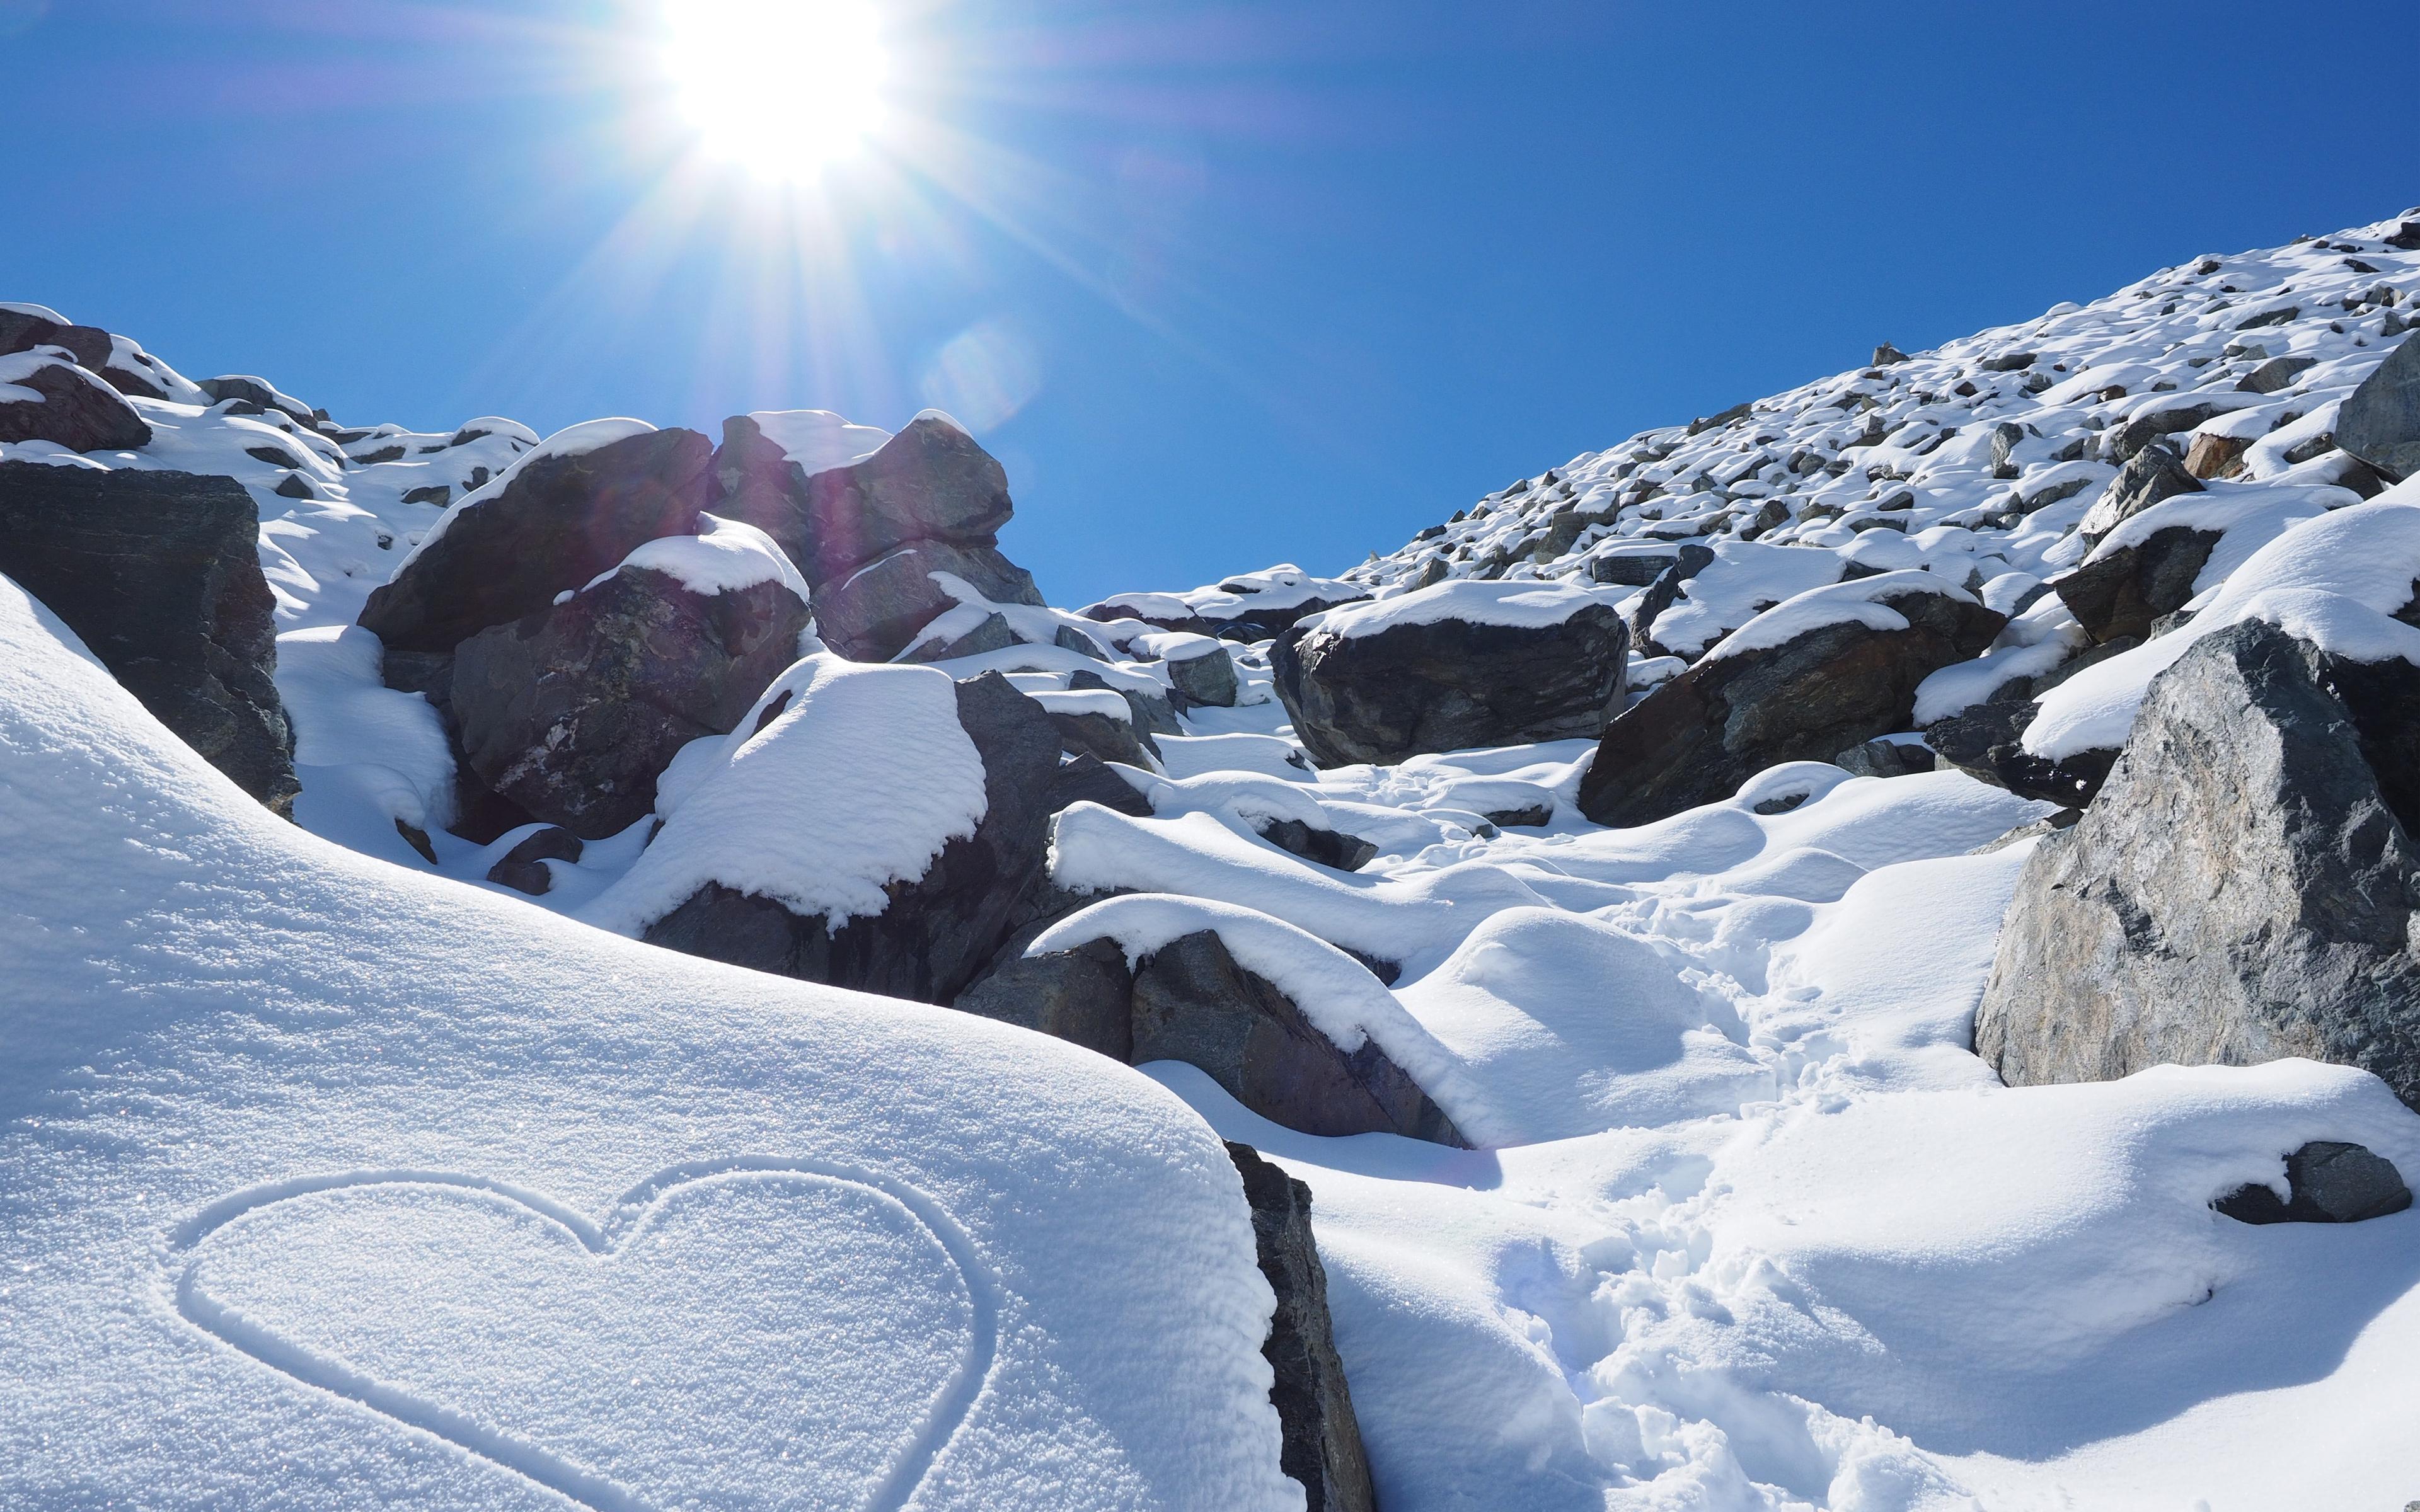 Солнечный снег камни. обои скачать